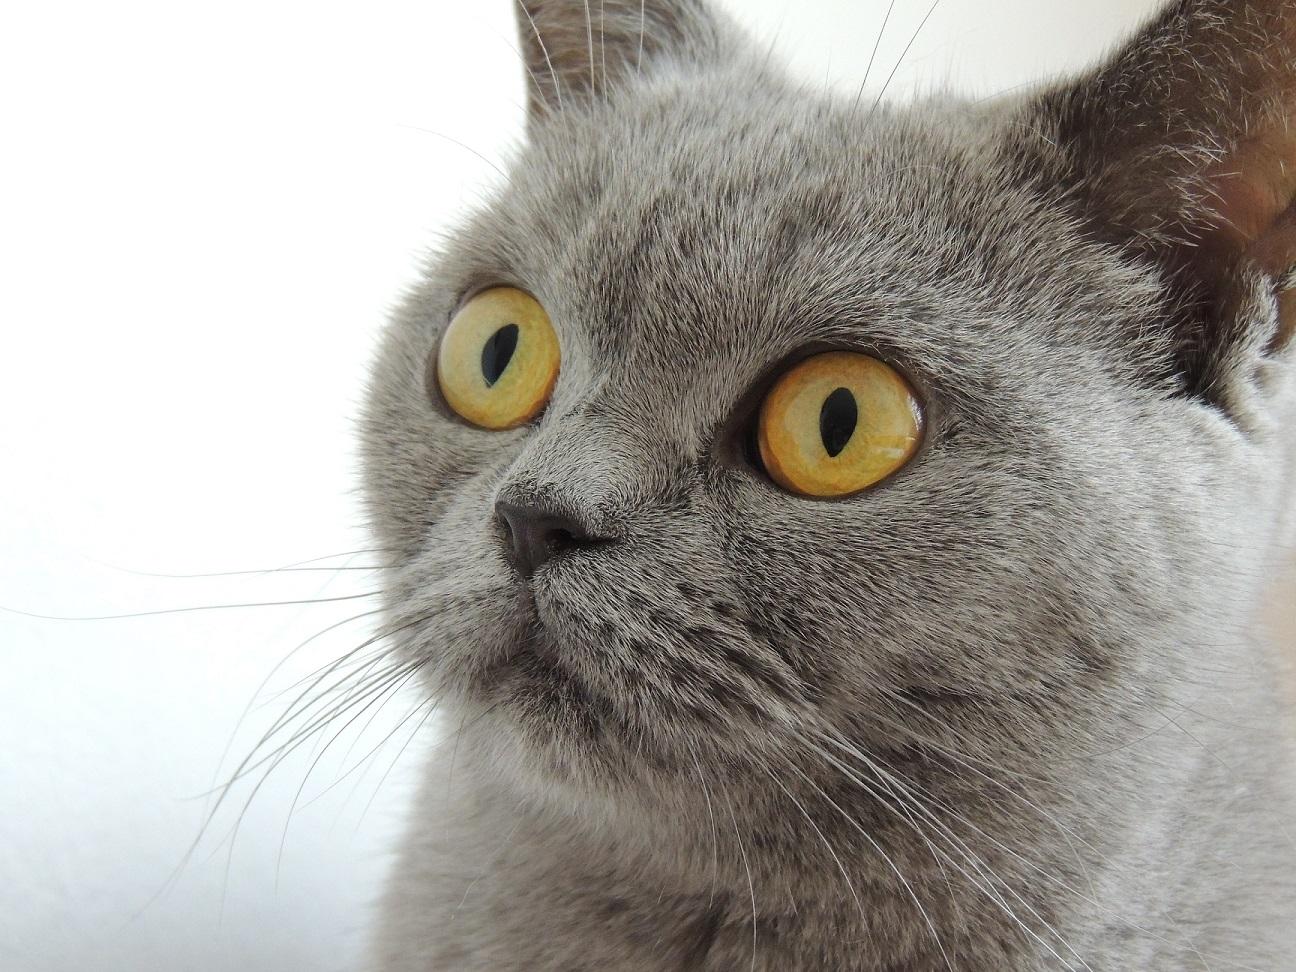 Lire la suite: Comment voit un chat ? un chien ? un lapin ?